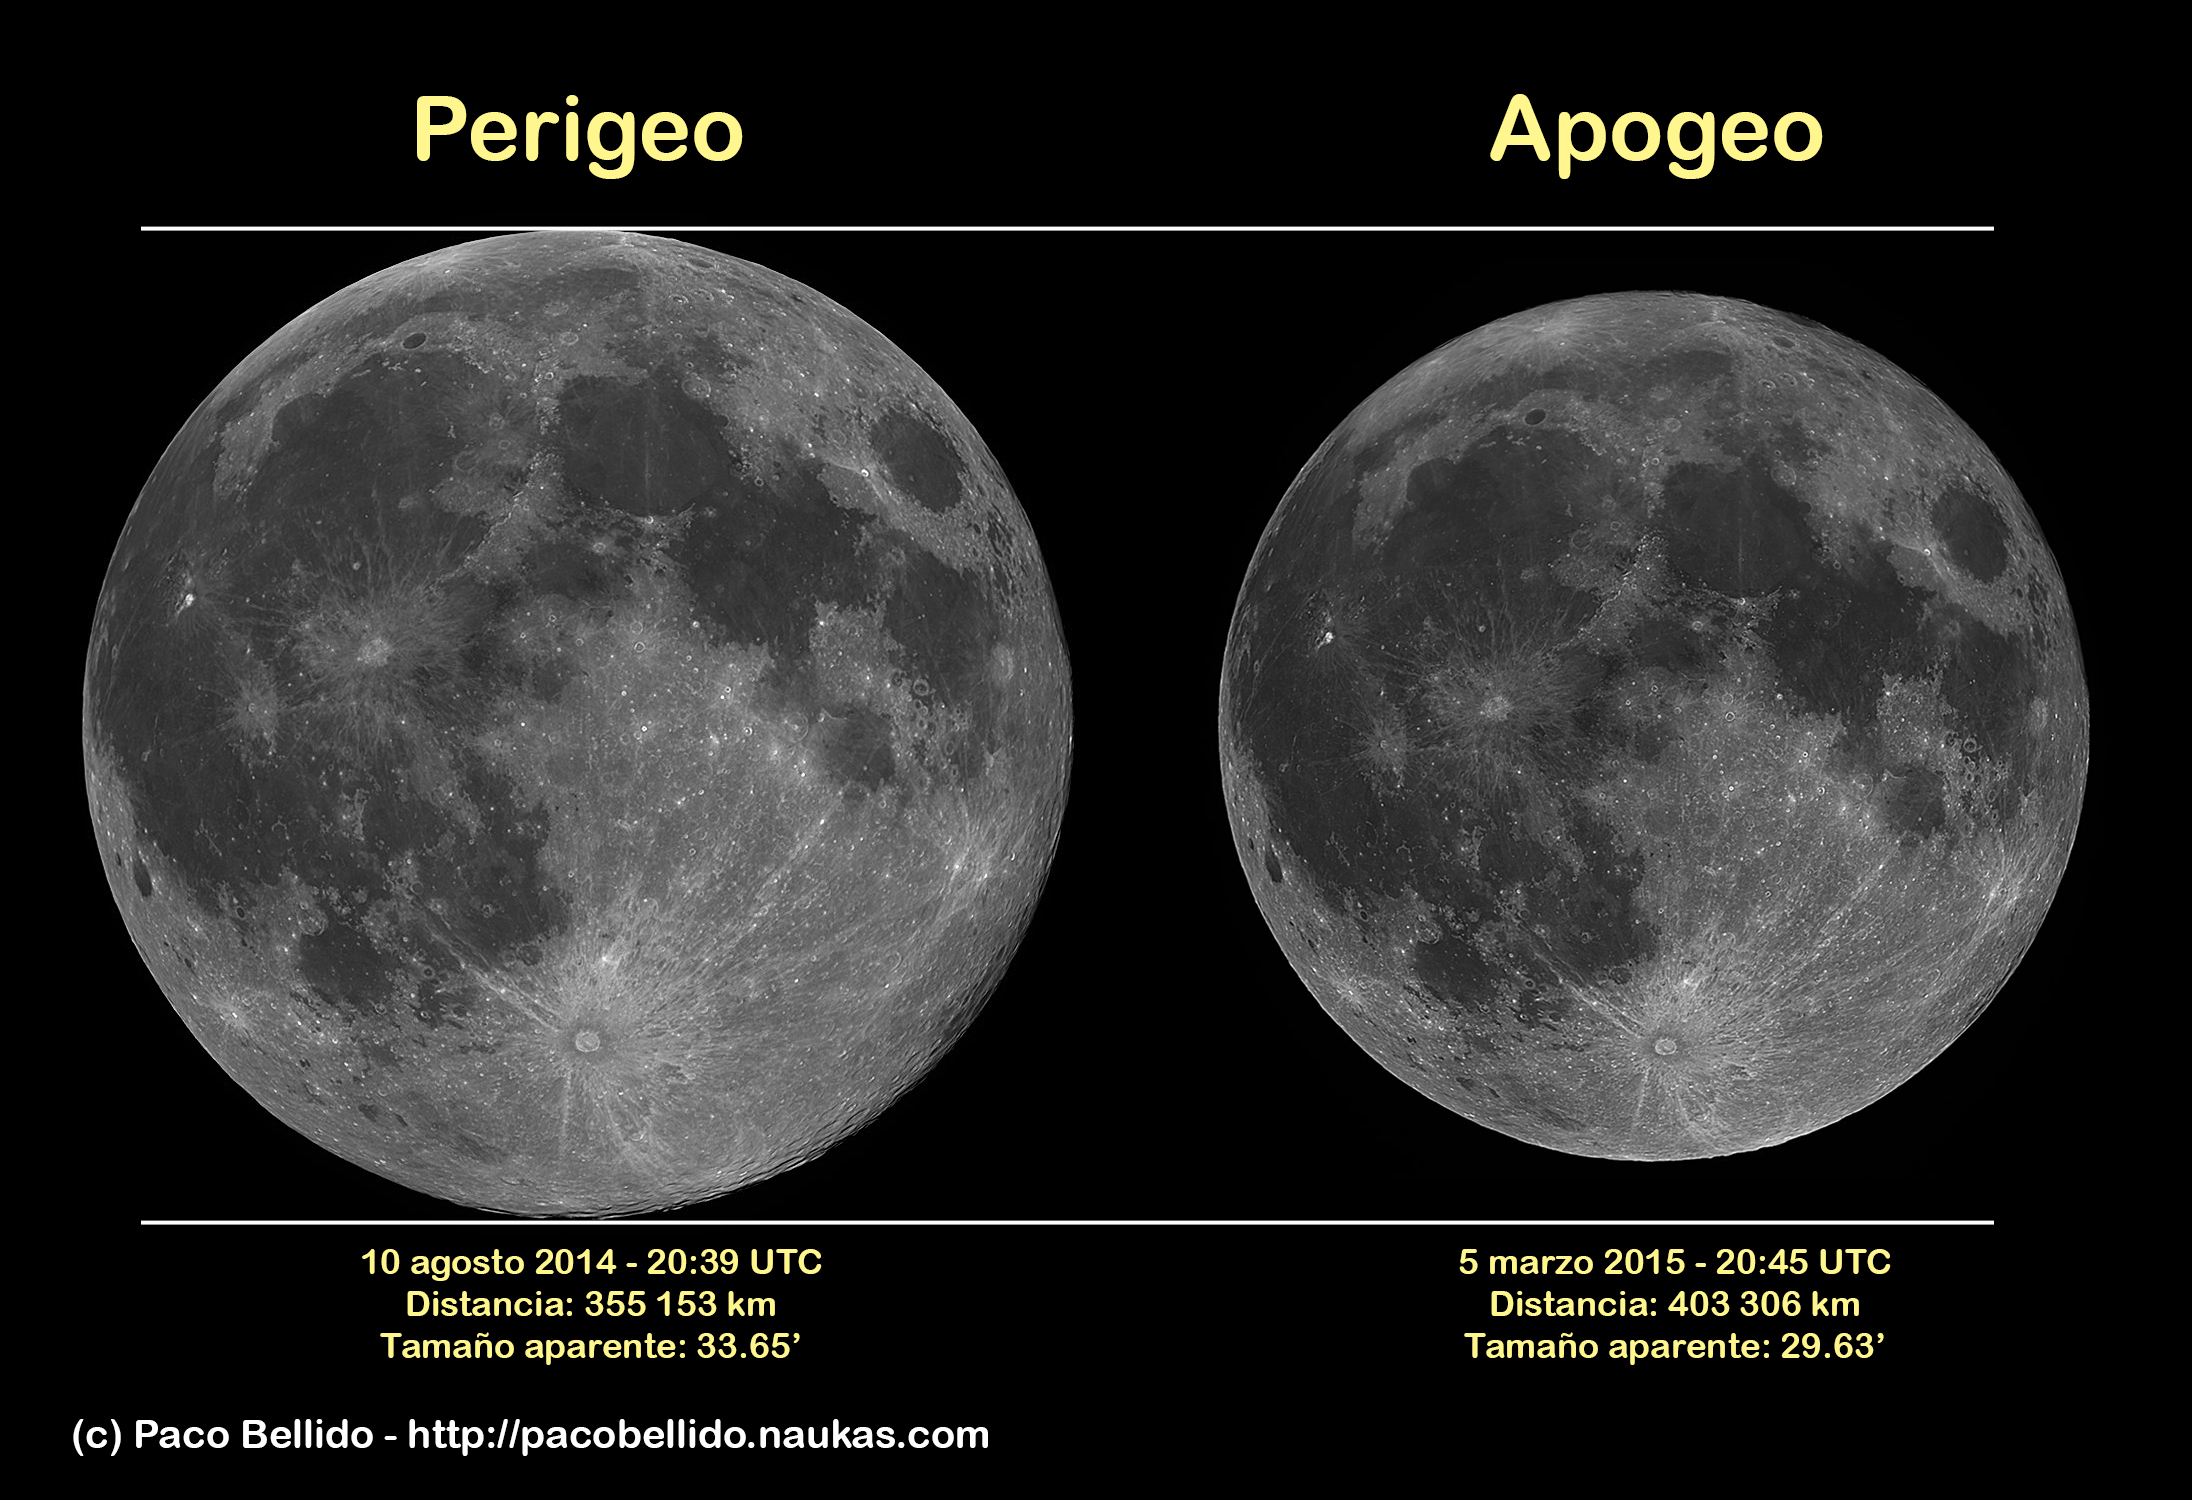 Comparación del tamaño aparente de la Luna cuando se encuentra en el perigeo (izquierda) y en el apogeo (derecha). Crédito: Paco Bellido.